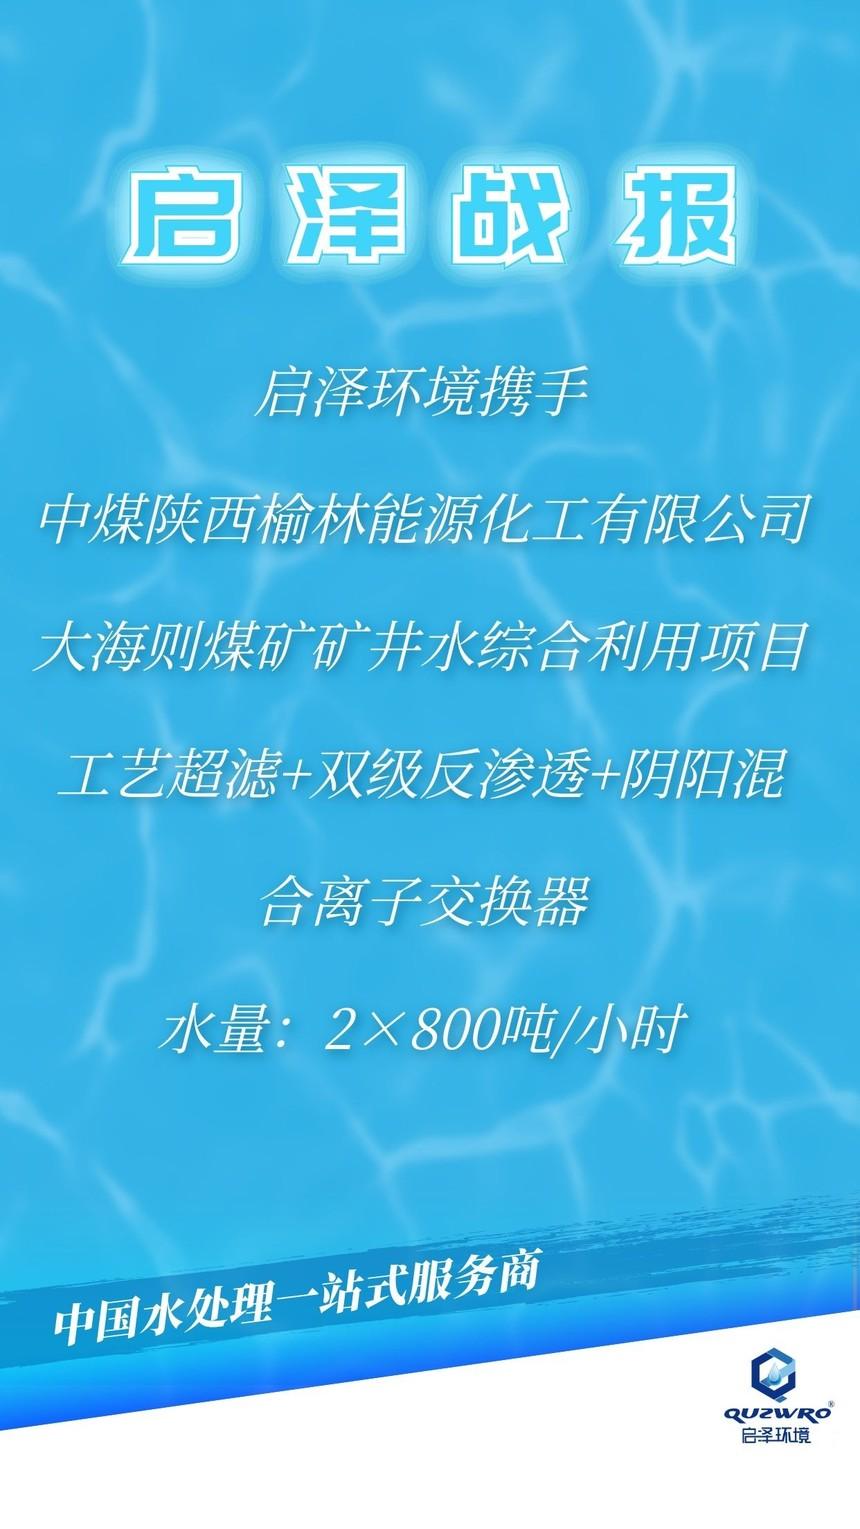 图怪兽_f6e595c26b0fd25382591aca17360ba3_86087.jpg